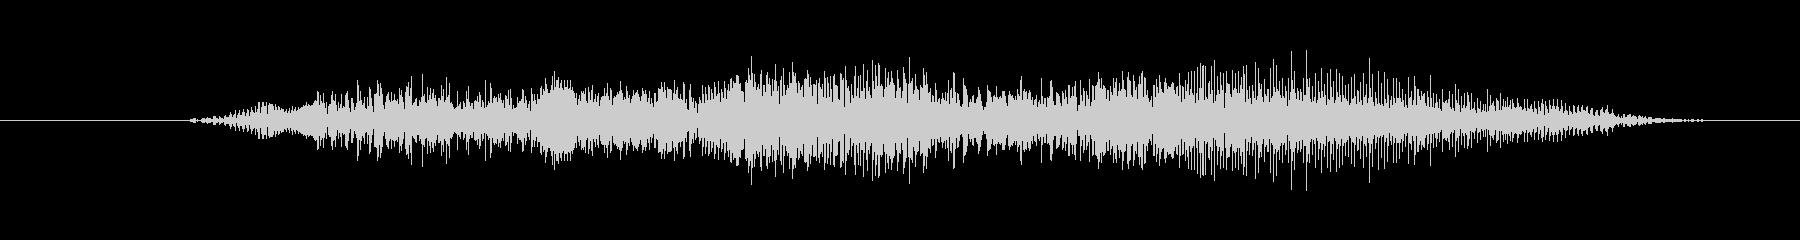 モンスター グロールアタックハイ04の未再生の波形